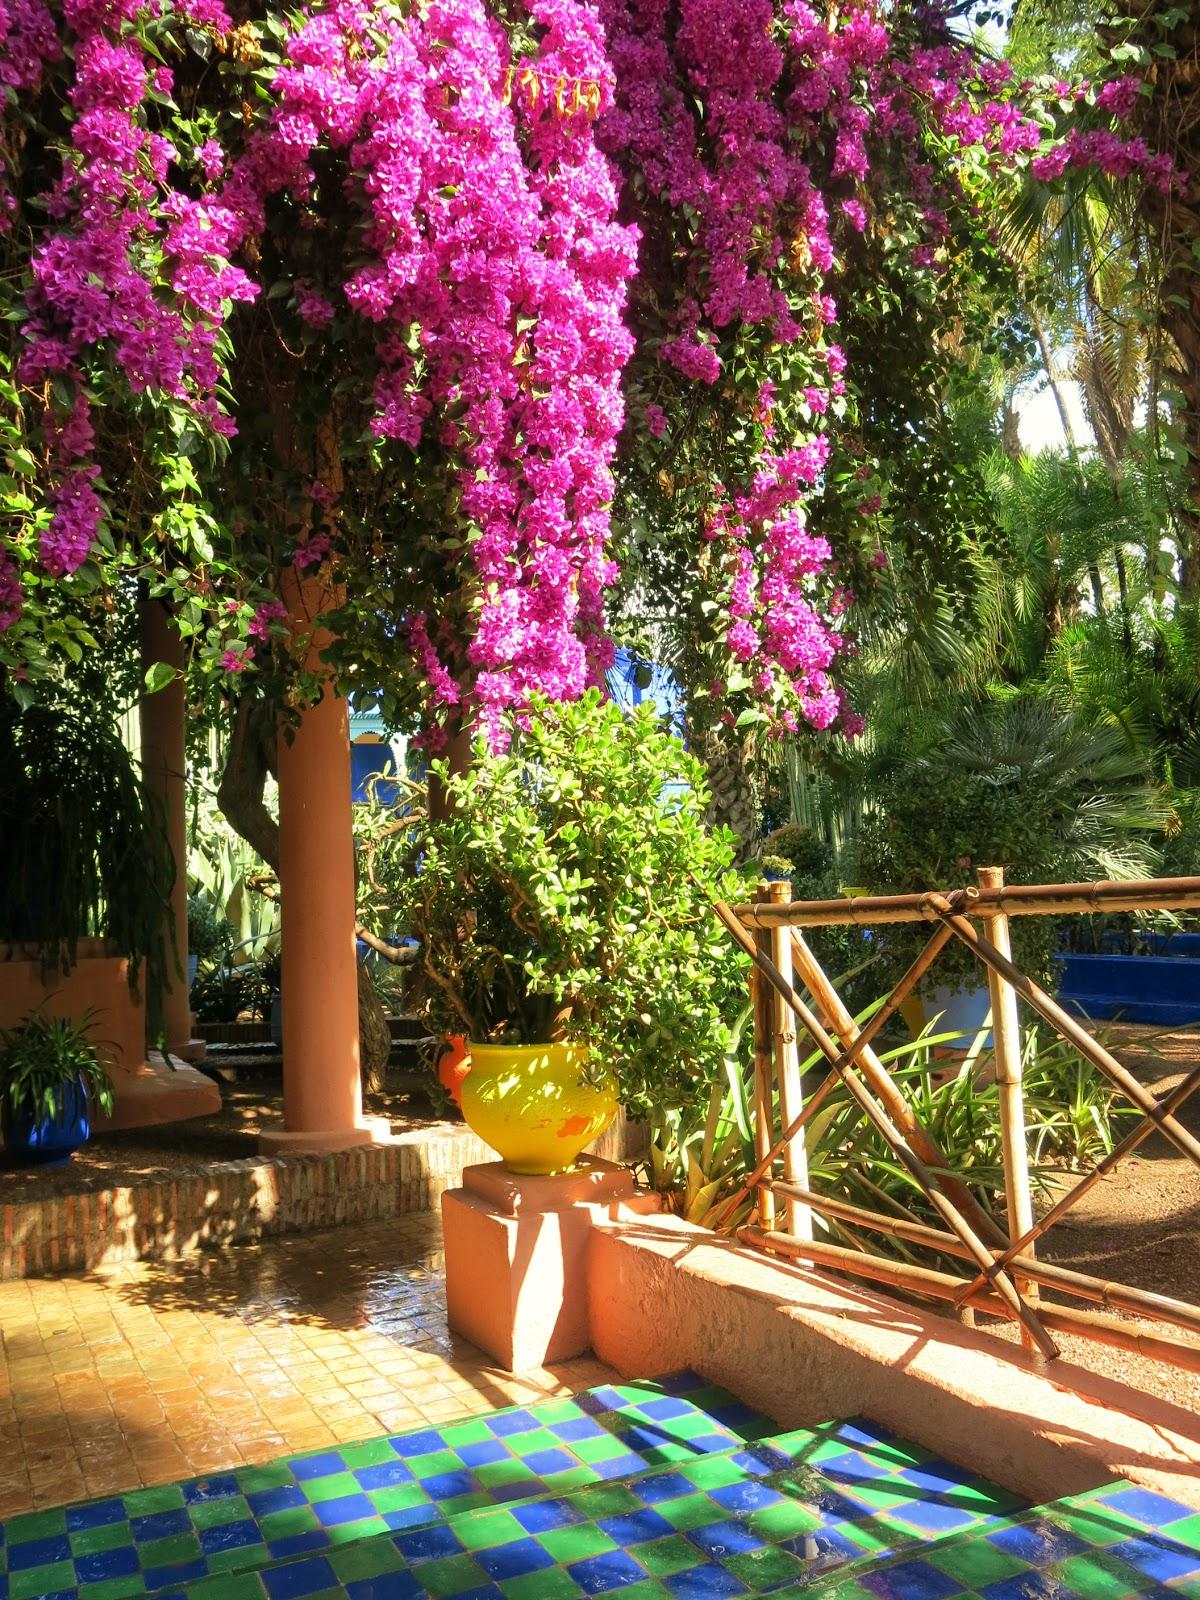 Trädgården Jardin Marjorelle i Marrakesh i Marocco